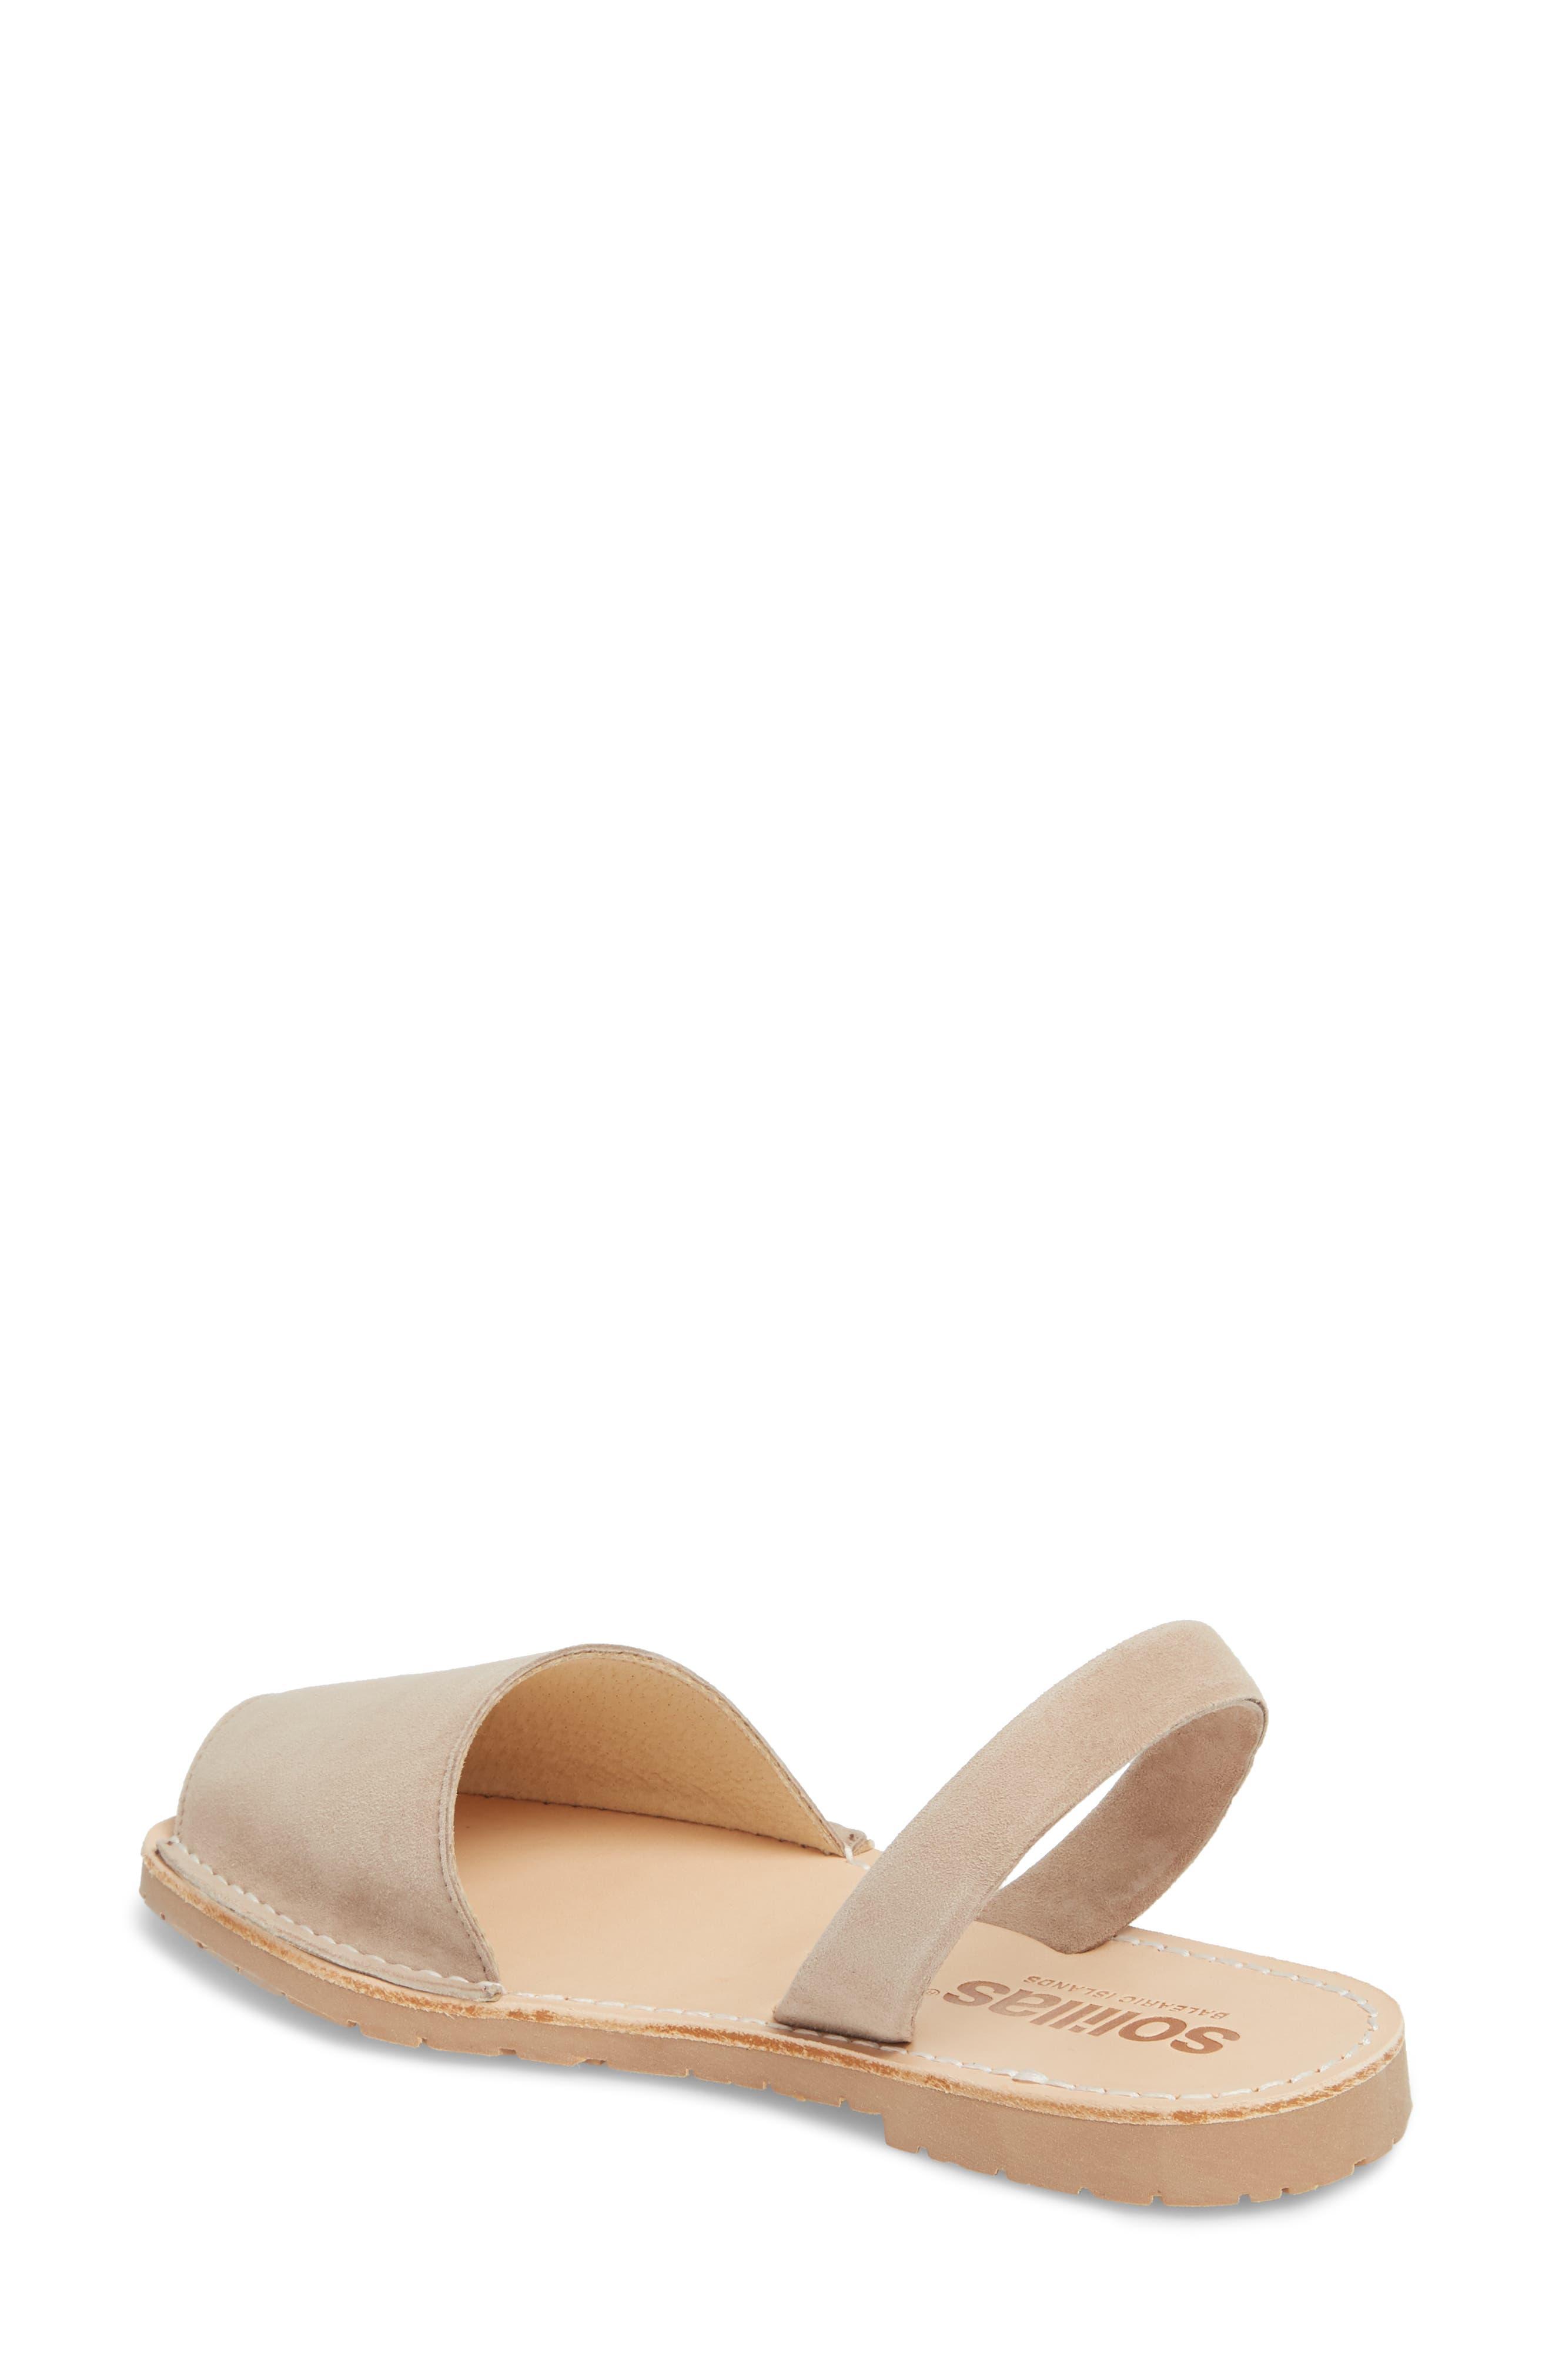 Flat Sandal,                             Alternate thumbnail 2, color,                             TAUPE